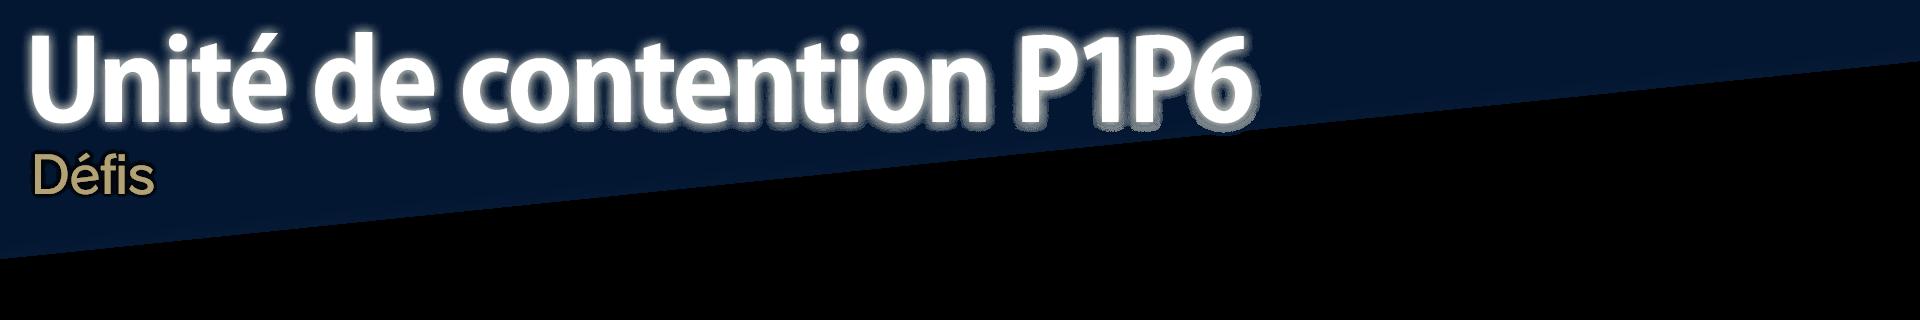 Unité de contention P1P6